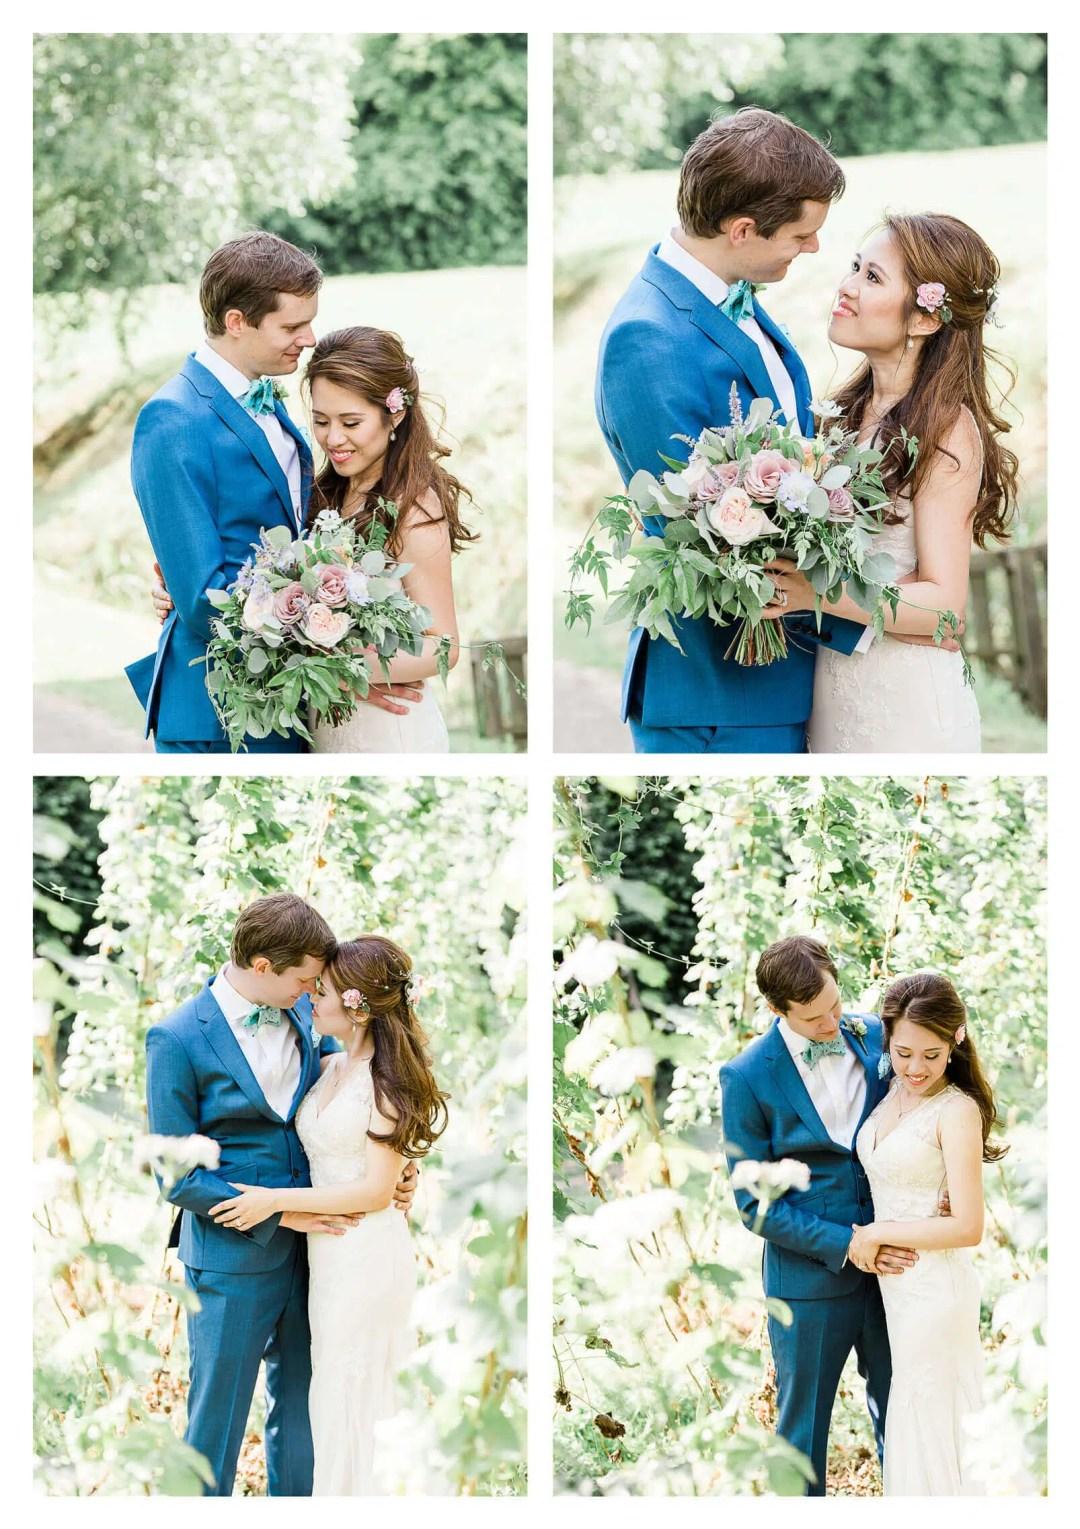 Finchcocks Oast wedding couple portraits in vineyard | Kent wedding photographer